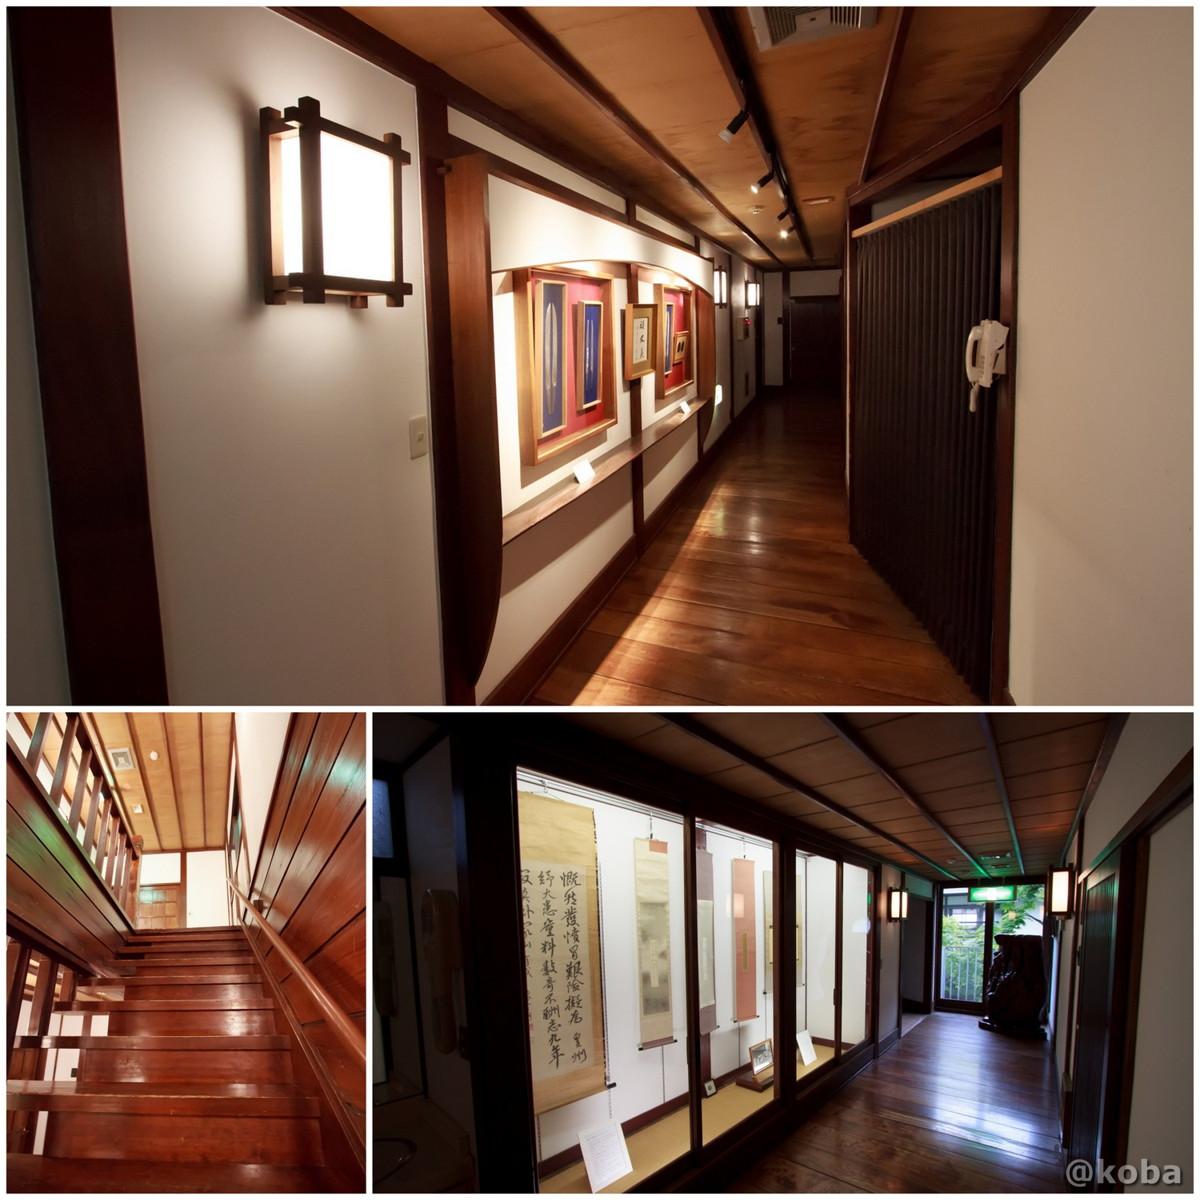 廊下と階段 法師温泉 長寿館 みなかみ町永井 群馬県